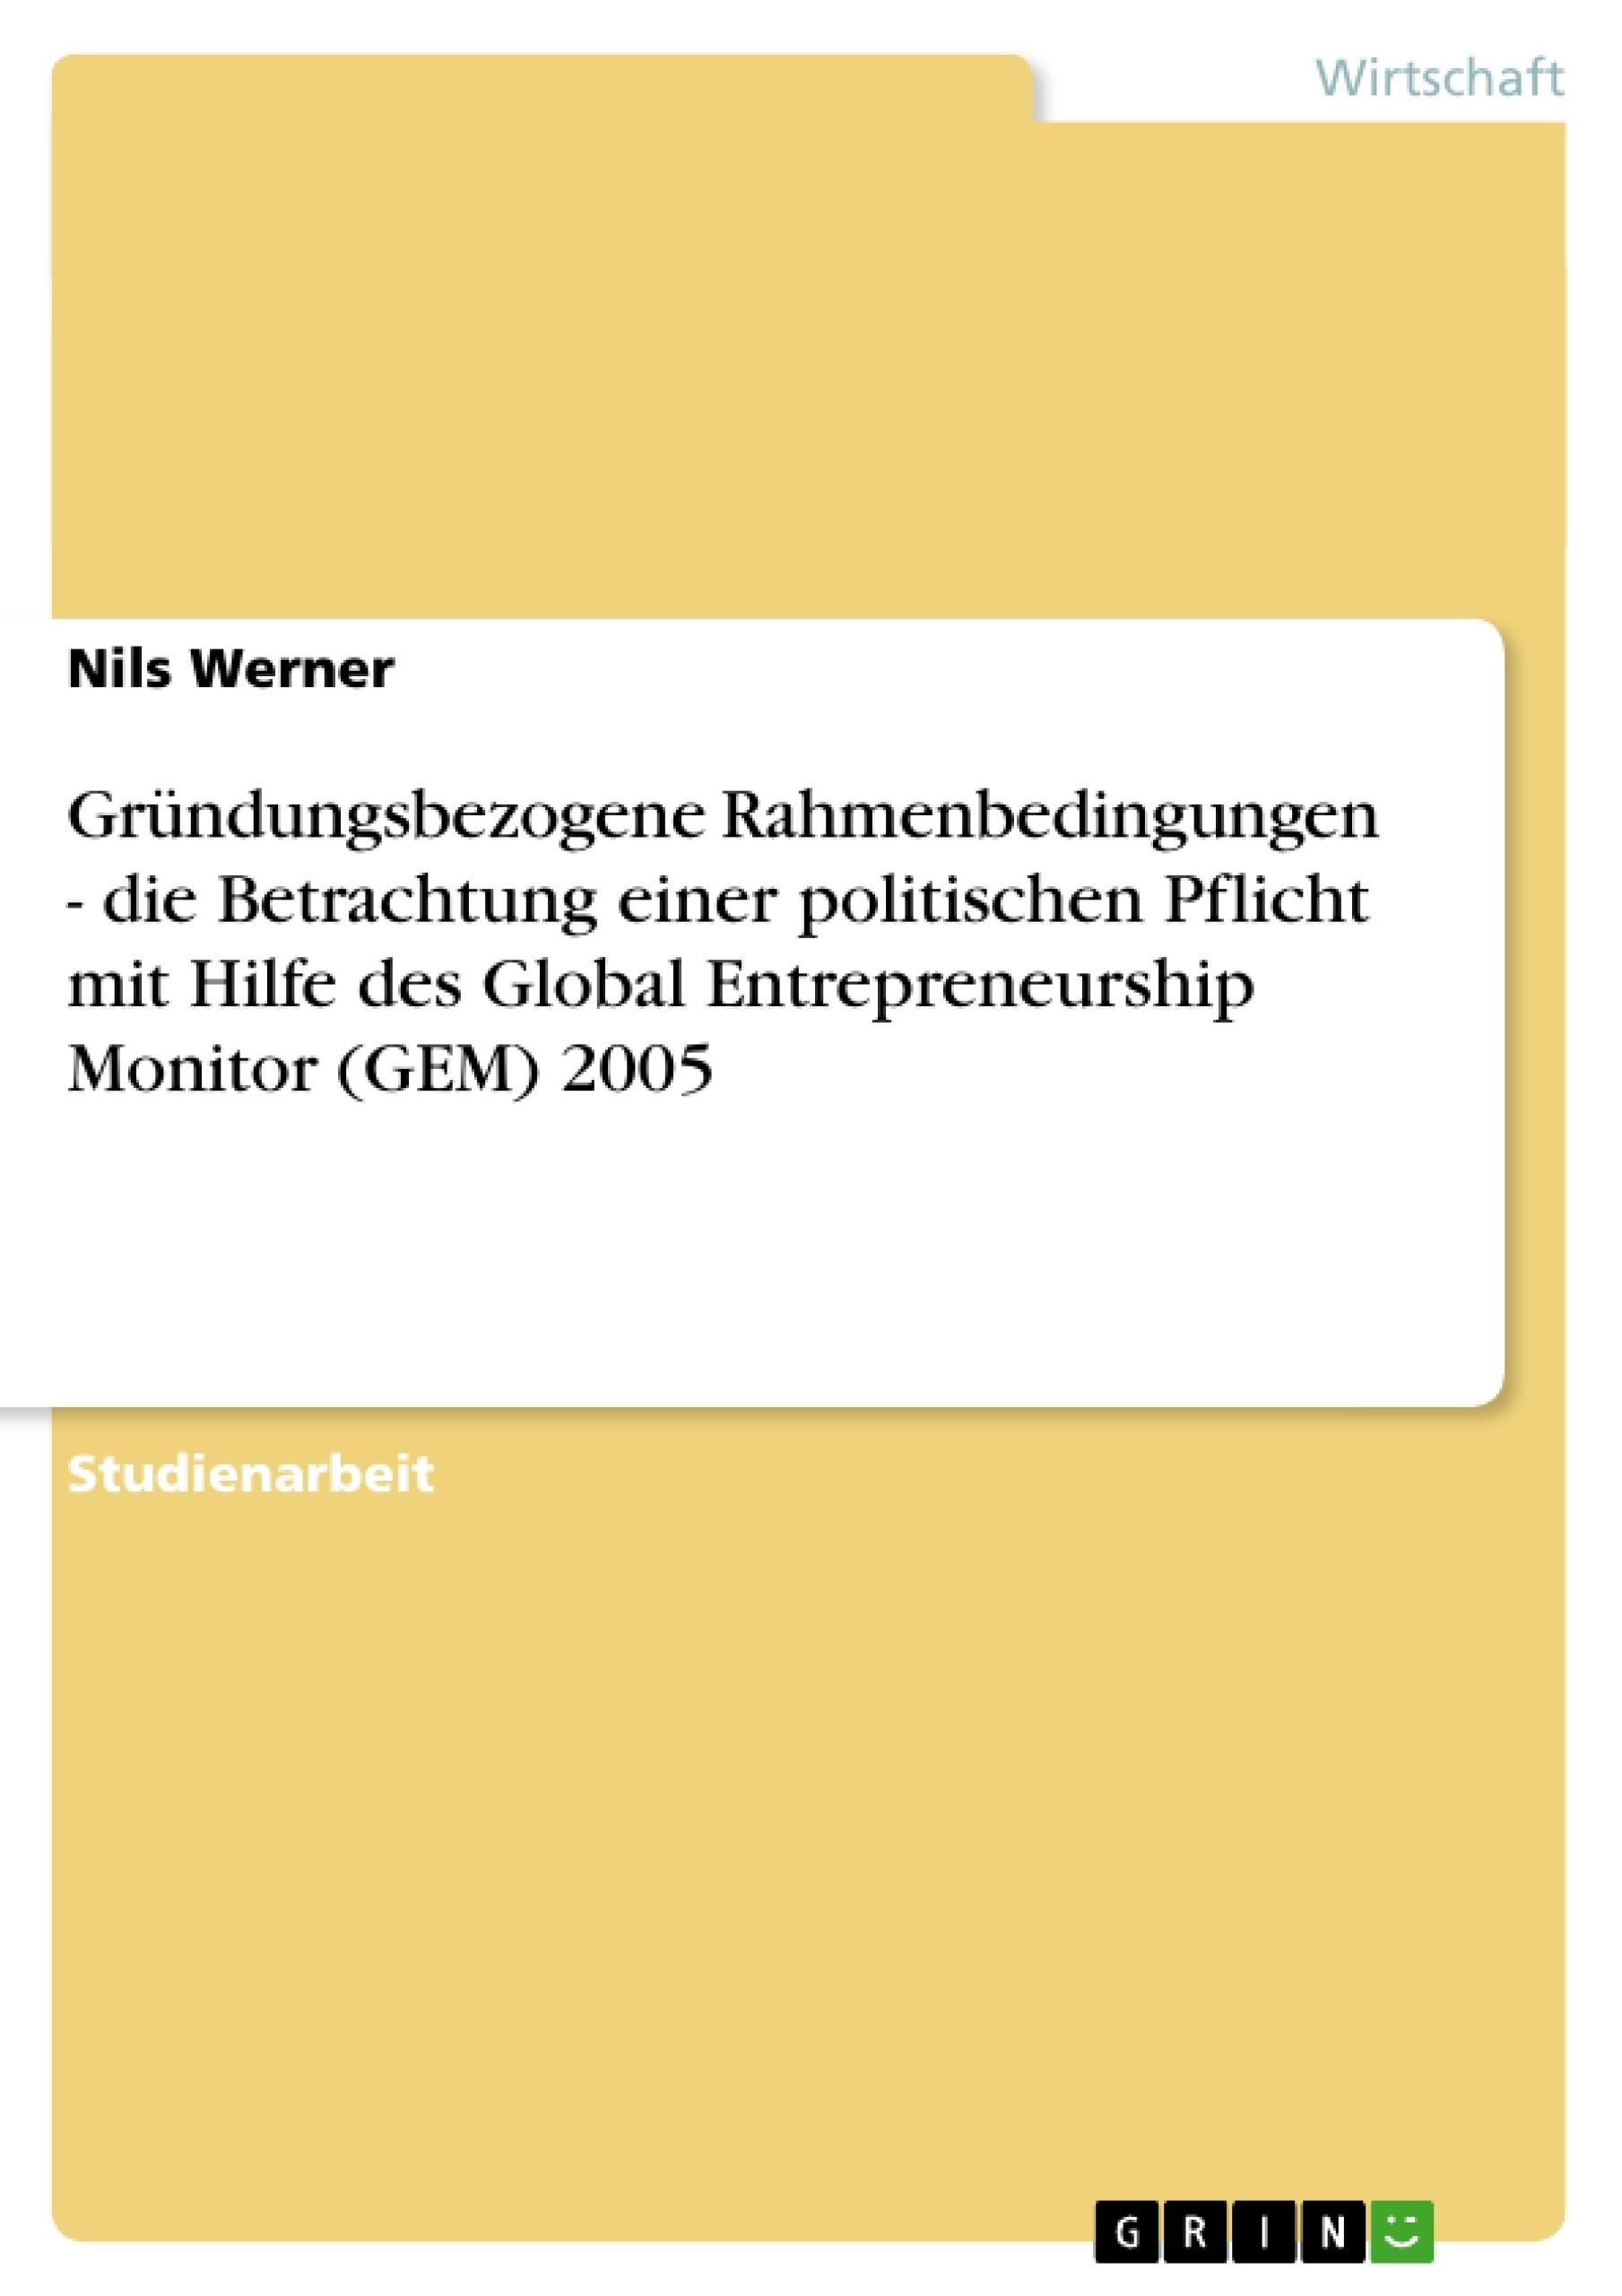 Titel: Gründungsbezogene Rahmenbedingungen - die Betrachtung einer politischen Pflicht mit Hilfe des Global Entrepreneurship Monitor (GEM) 2005